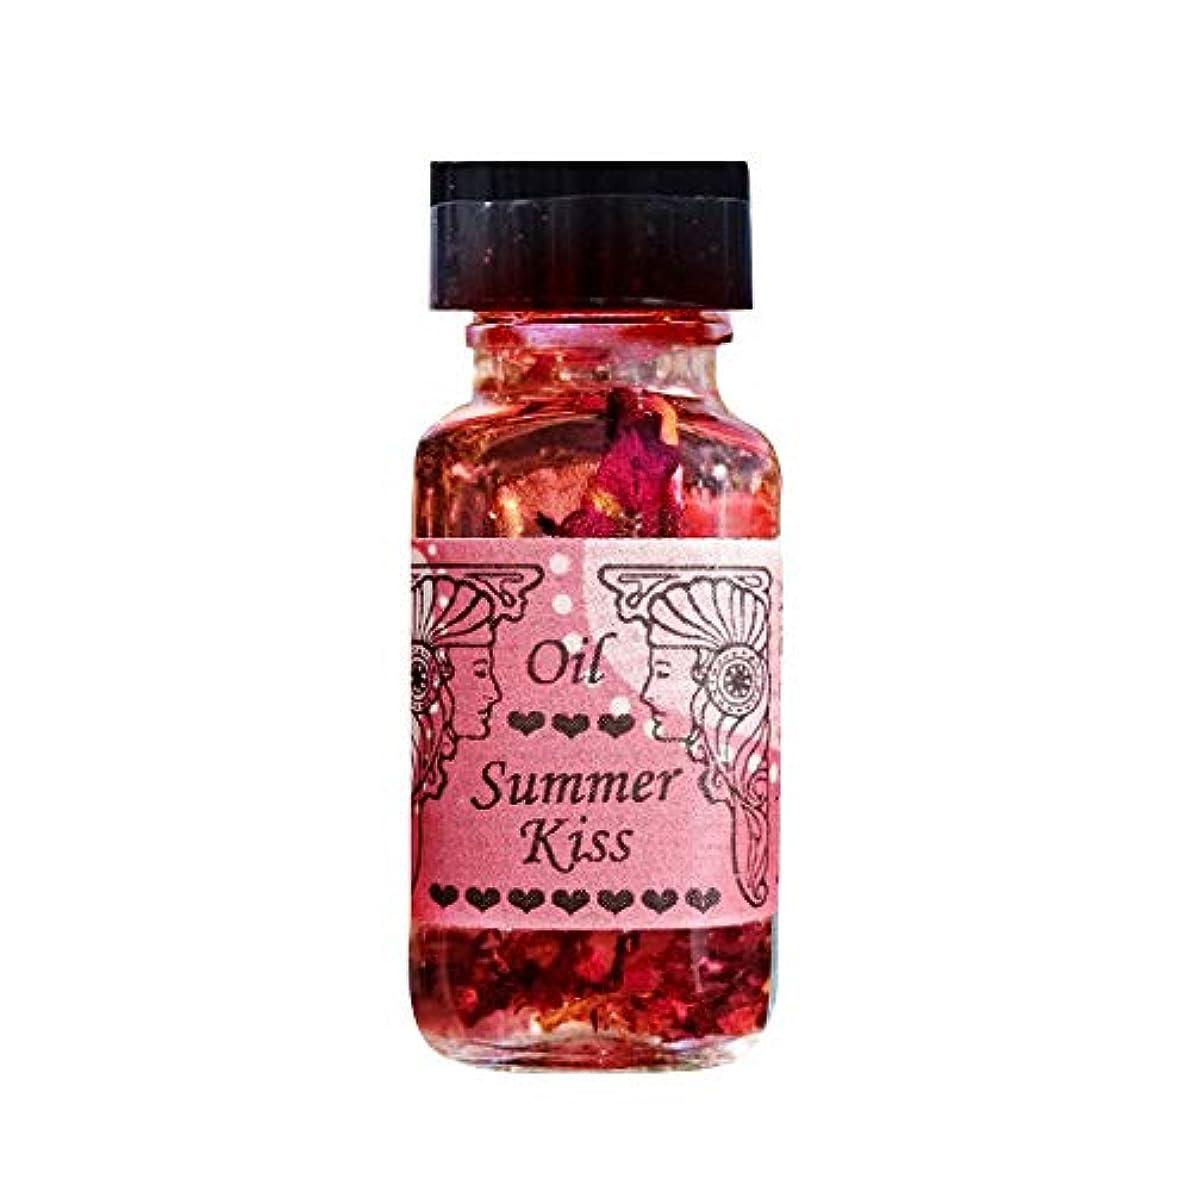 【送料無料】【季節限定オイル】SEDONA Ancient Memory Oils セドナ アンシェントメモリーオイル SummerKiss Summer Kiss サマー キス 15ml